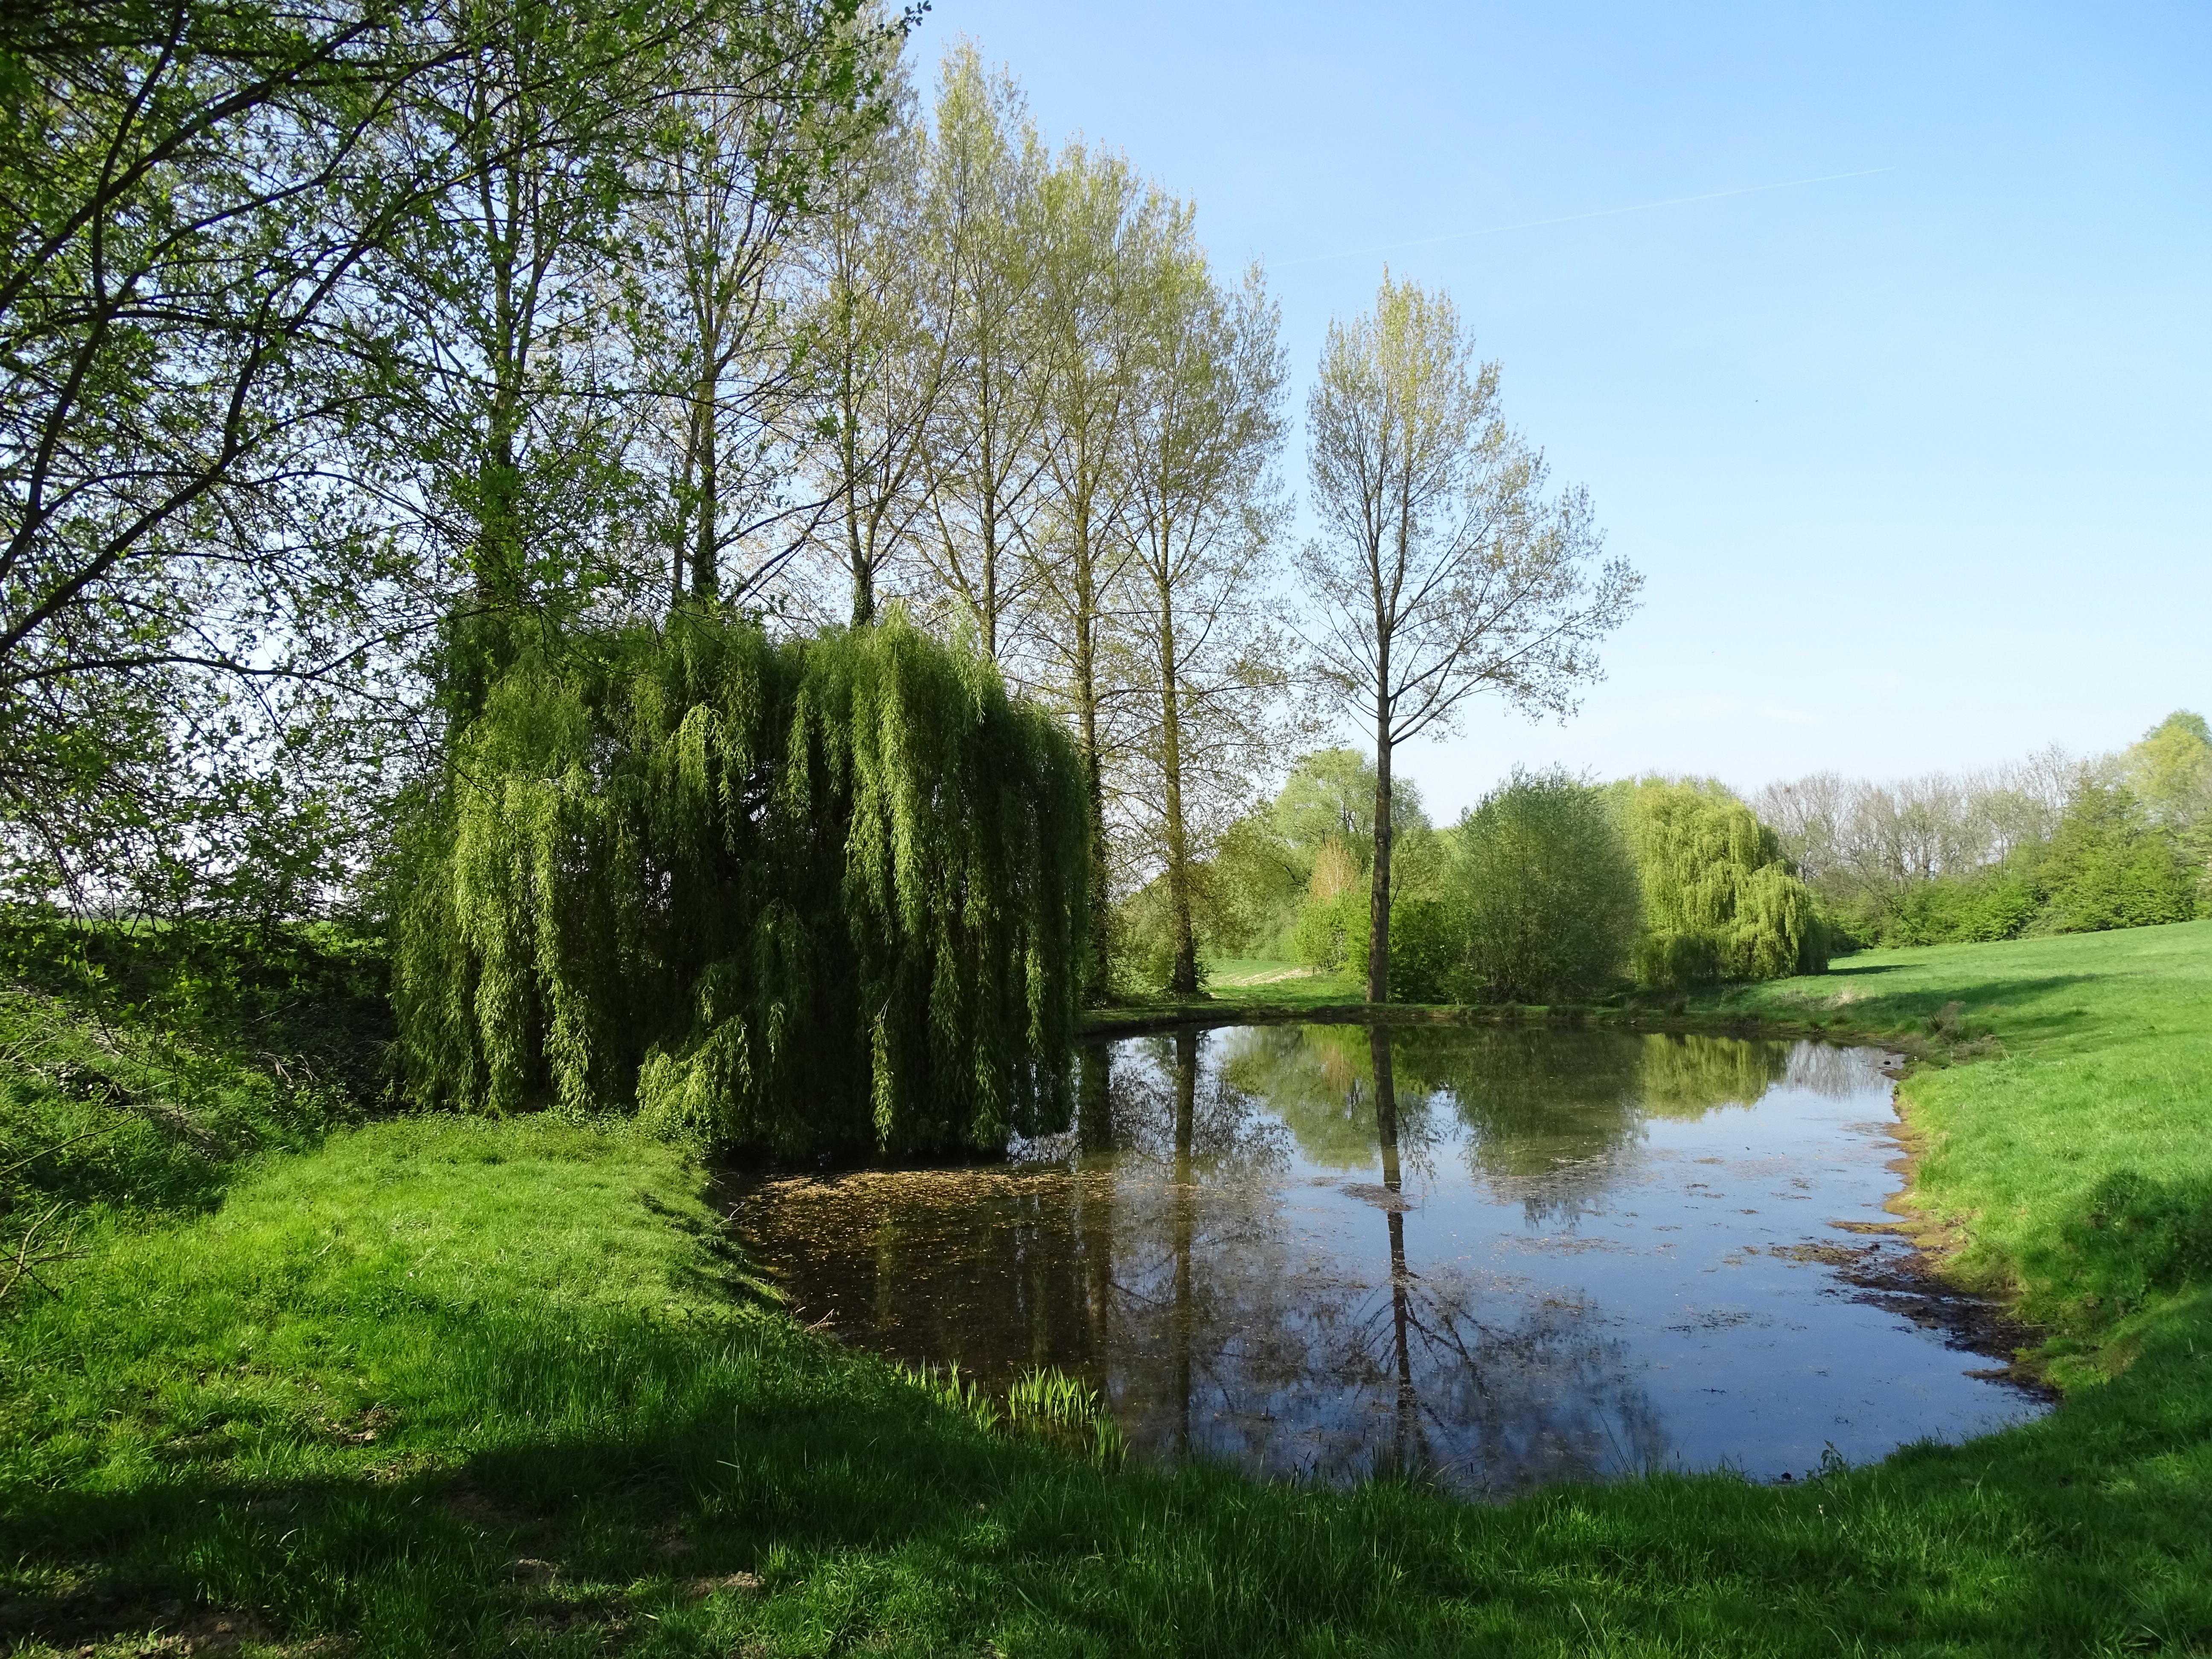 Jardin hameau de favarge - Comment supprimer le liseron au jardin ...